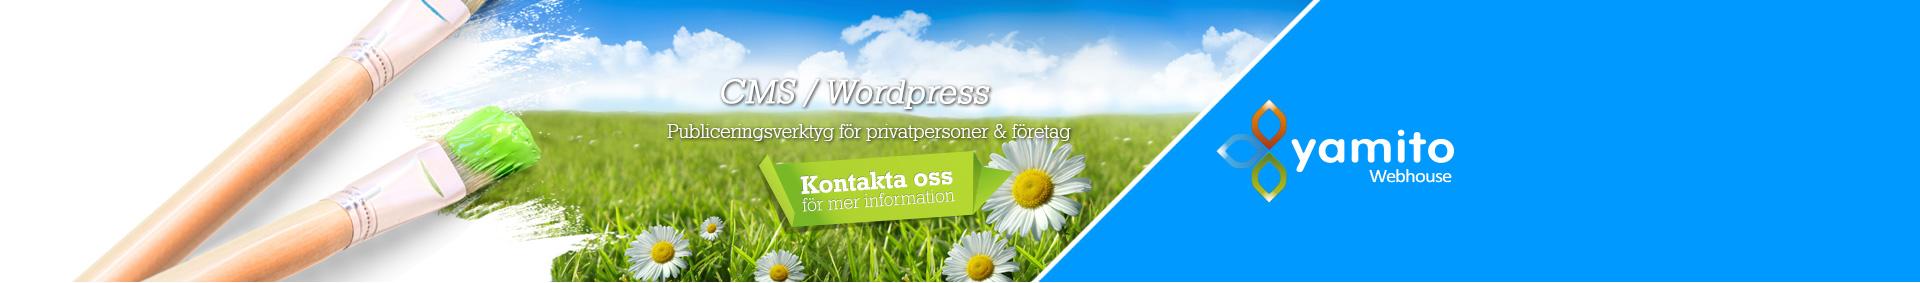 CMS / Wordpress, Enkel innehållshantering för din hemsida!